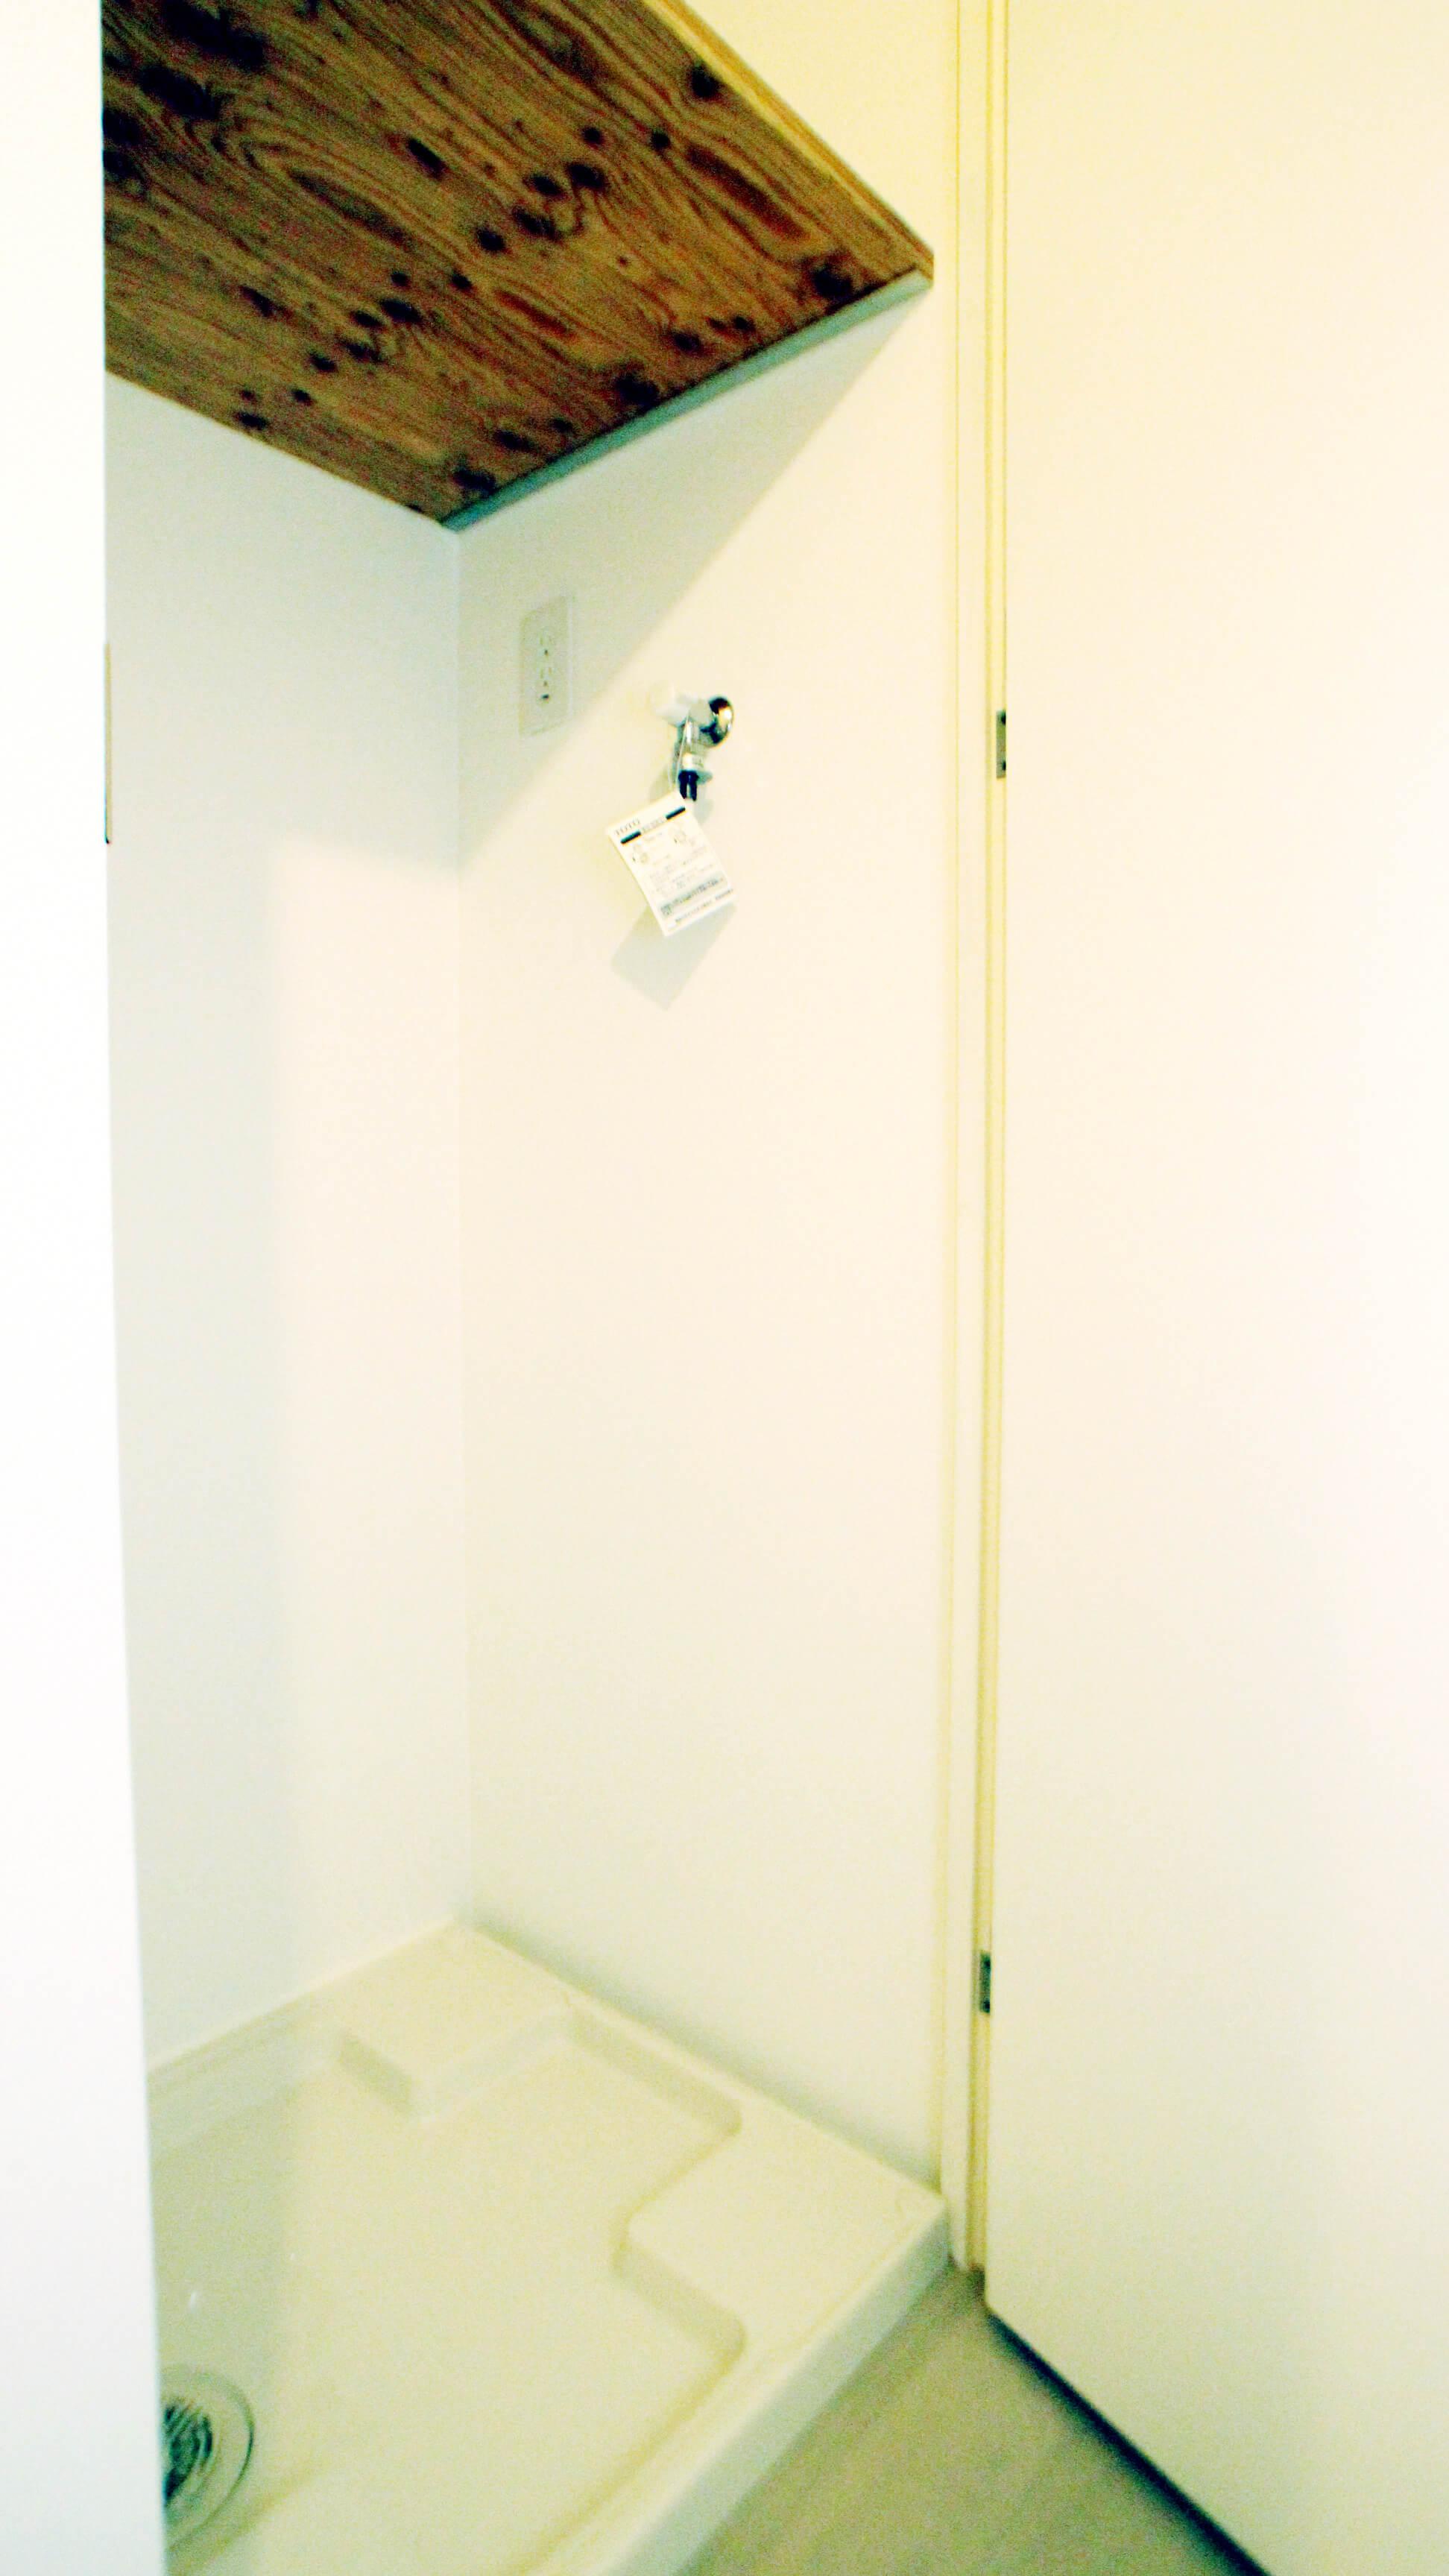 洗濯機置き場はドア付きです。閉めておけば、ねこさんが洗濯機でいたずらしちゃうこともありません。 上部には棚もありますよ。